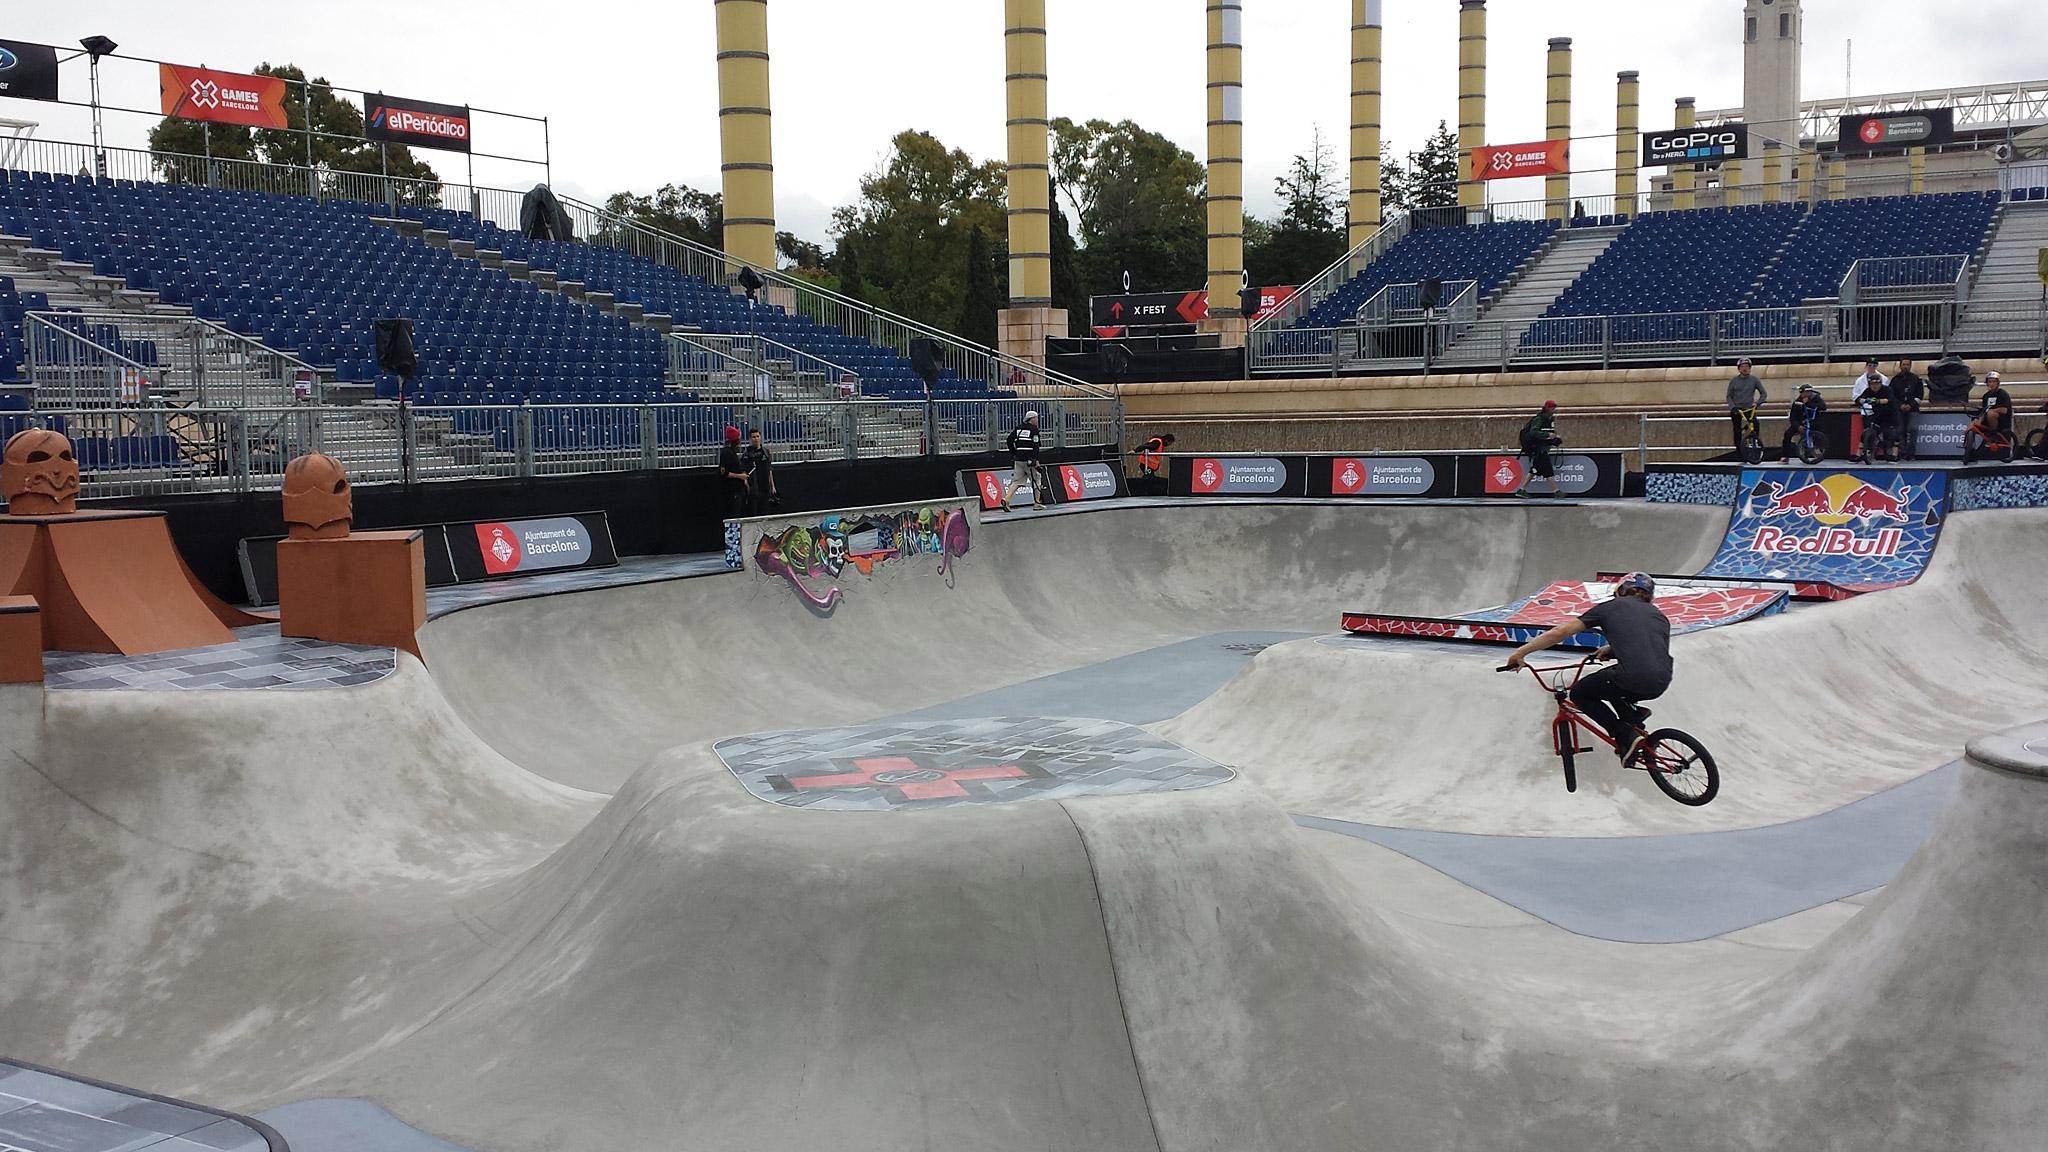 BMX Park Practice